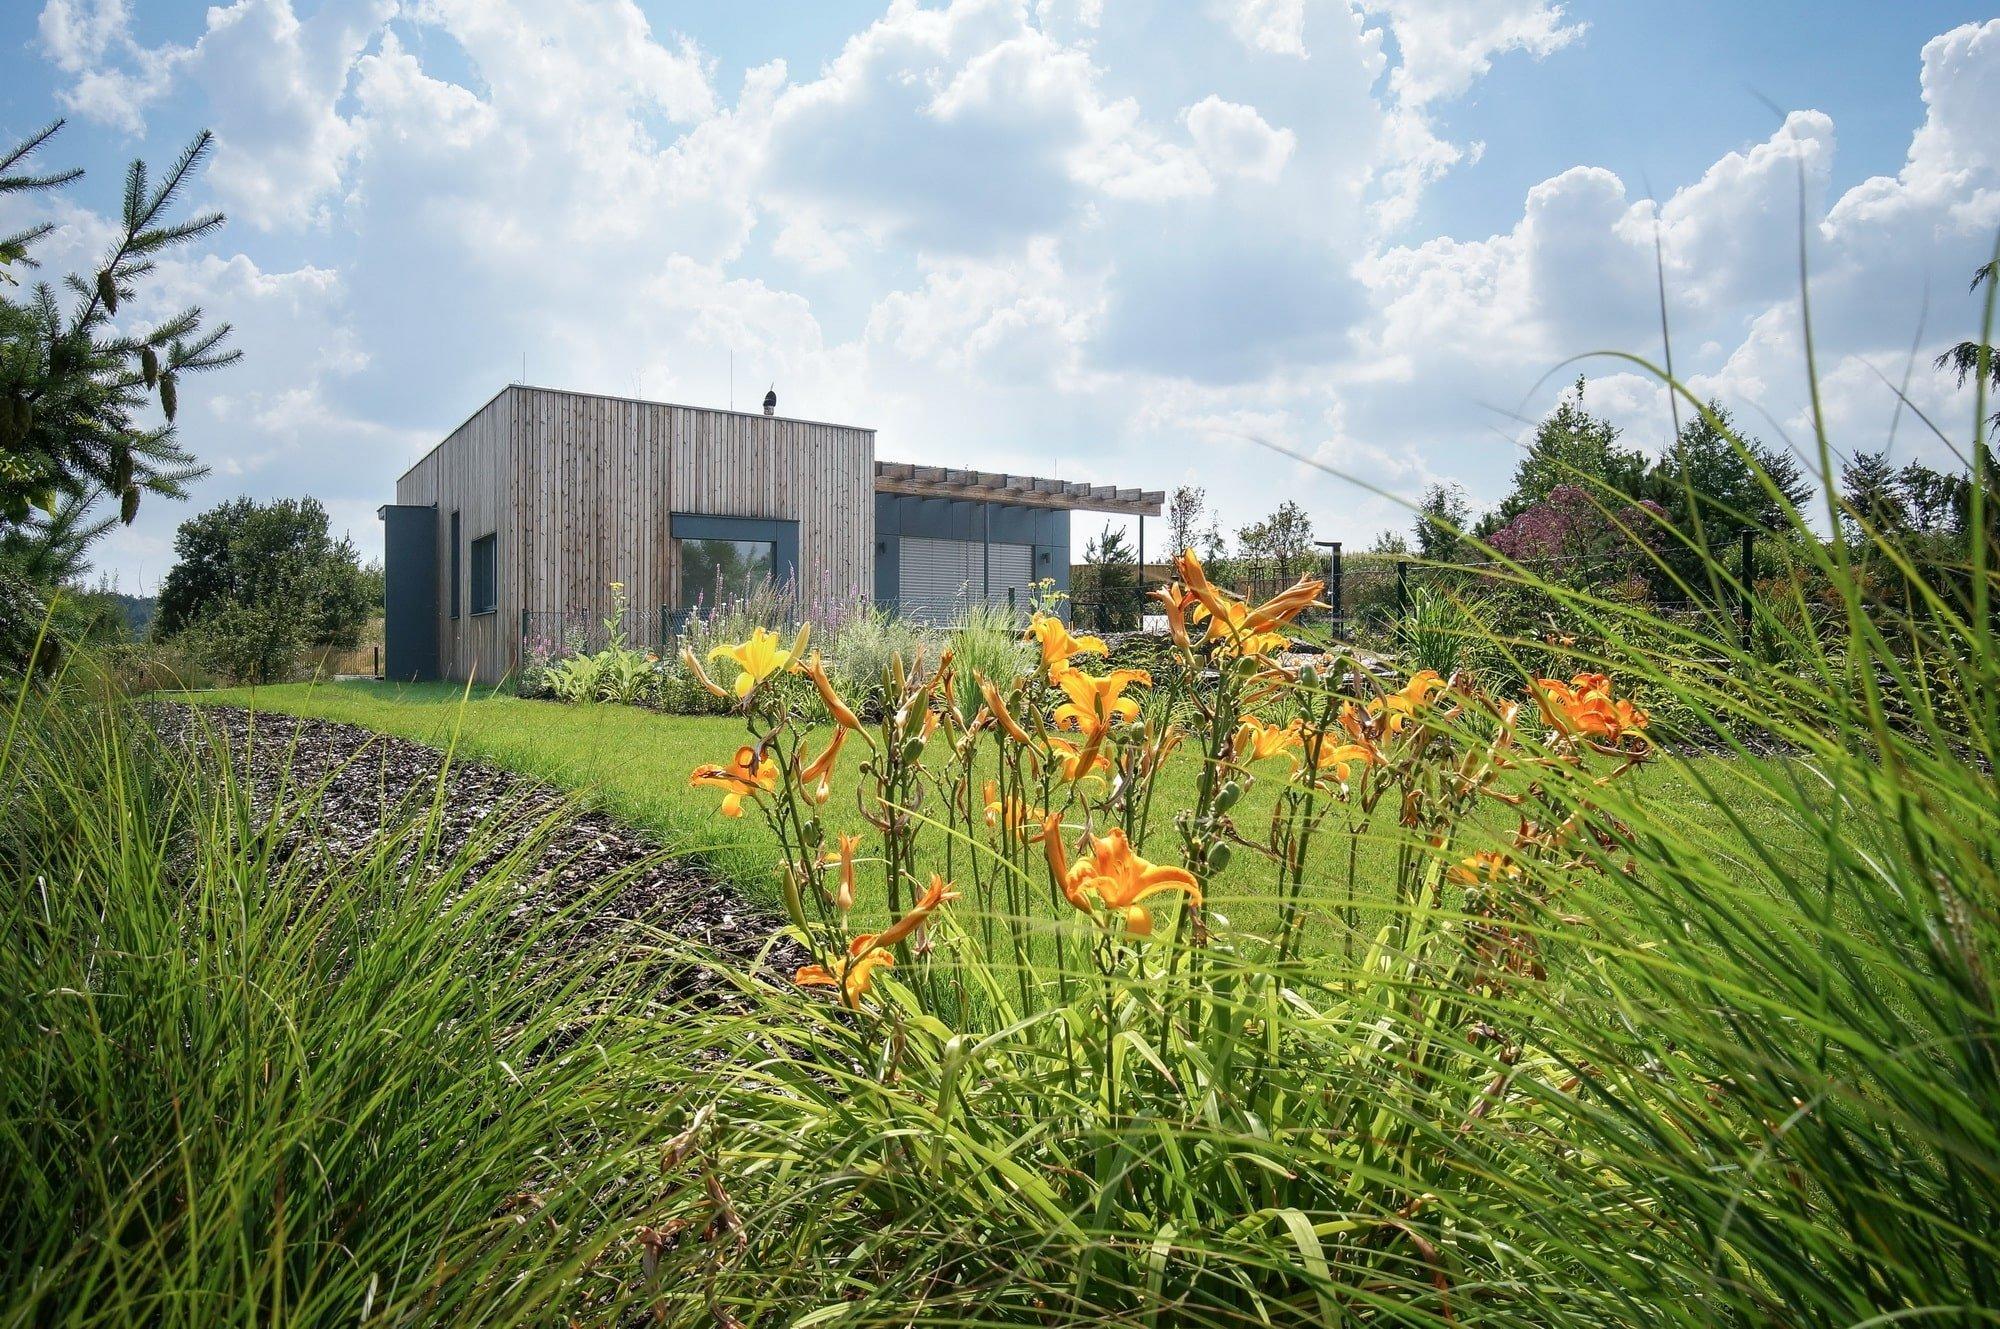 V jižním podhůří Krkonoš vyrostl díky spolupráci ateliéru Mardou pěkný a praktický zahradní domek. Tenhle příjemný doplněk k již stojící vile byl pro architekty výzvou, museli se totiž popasovat s jistými limity včetně již založeného tvaru koupacího jezírka.